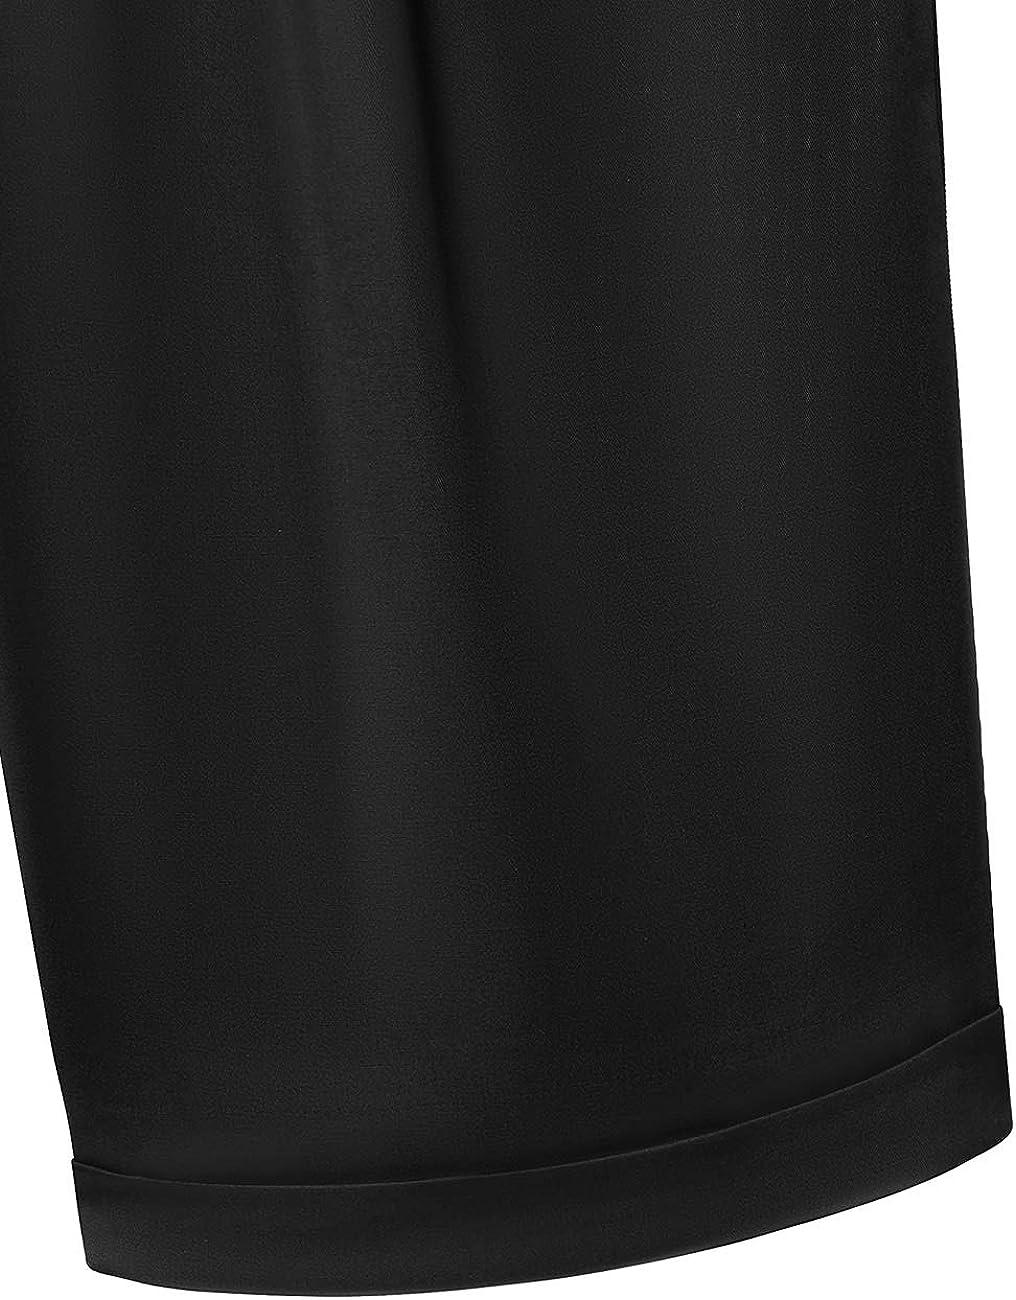 DRESS TELLS Bermuda Shorts Damen Sport Training Schlafanzughose Yoga Fitness Kurze Hosen Laufshorts mit Taschen